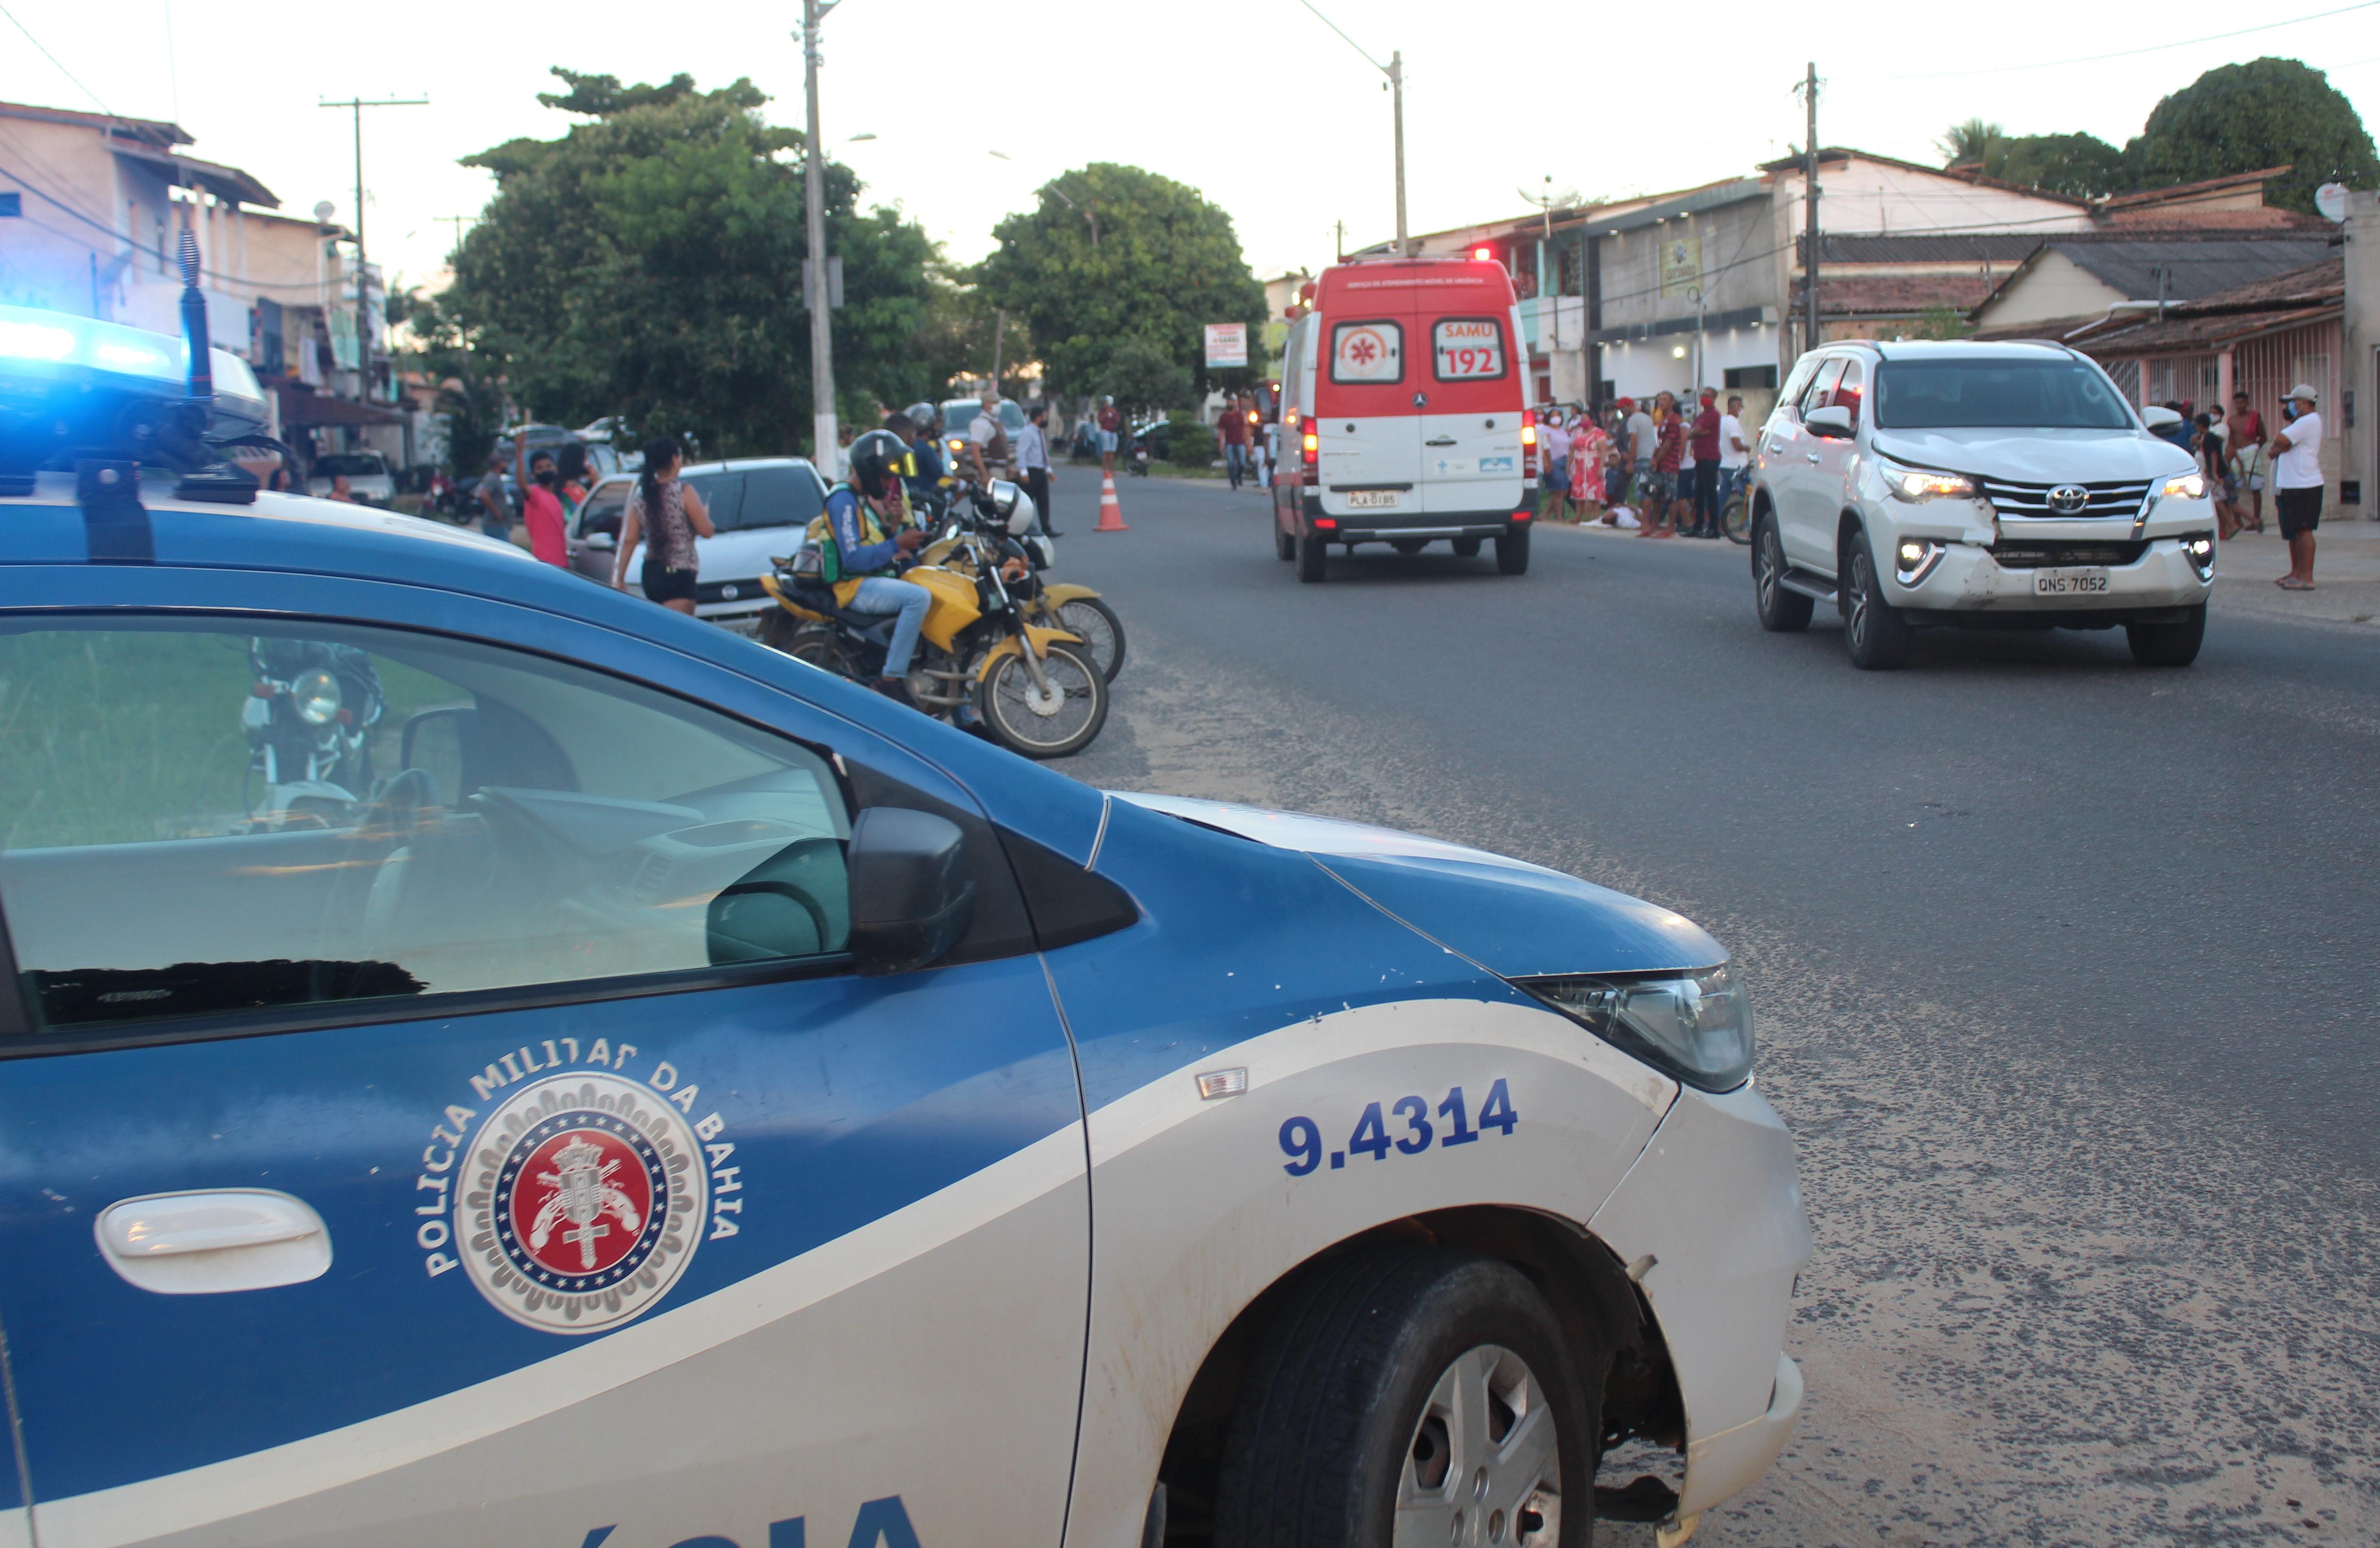 Caminhonete de Ex-Prefeito de Itamaraju Pedro da Campineira, envolve em acidente na Avenida Liberdade